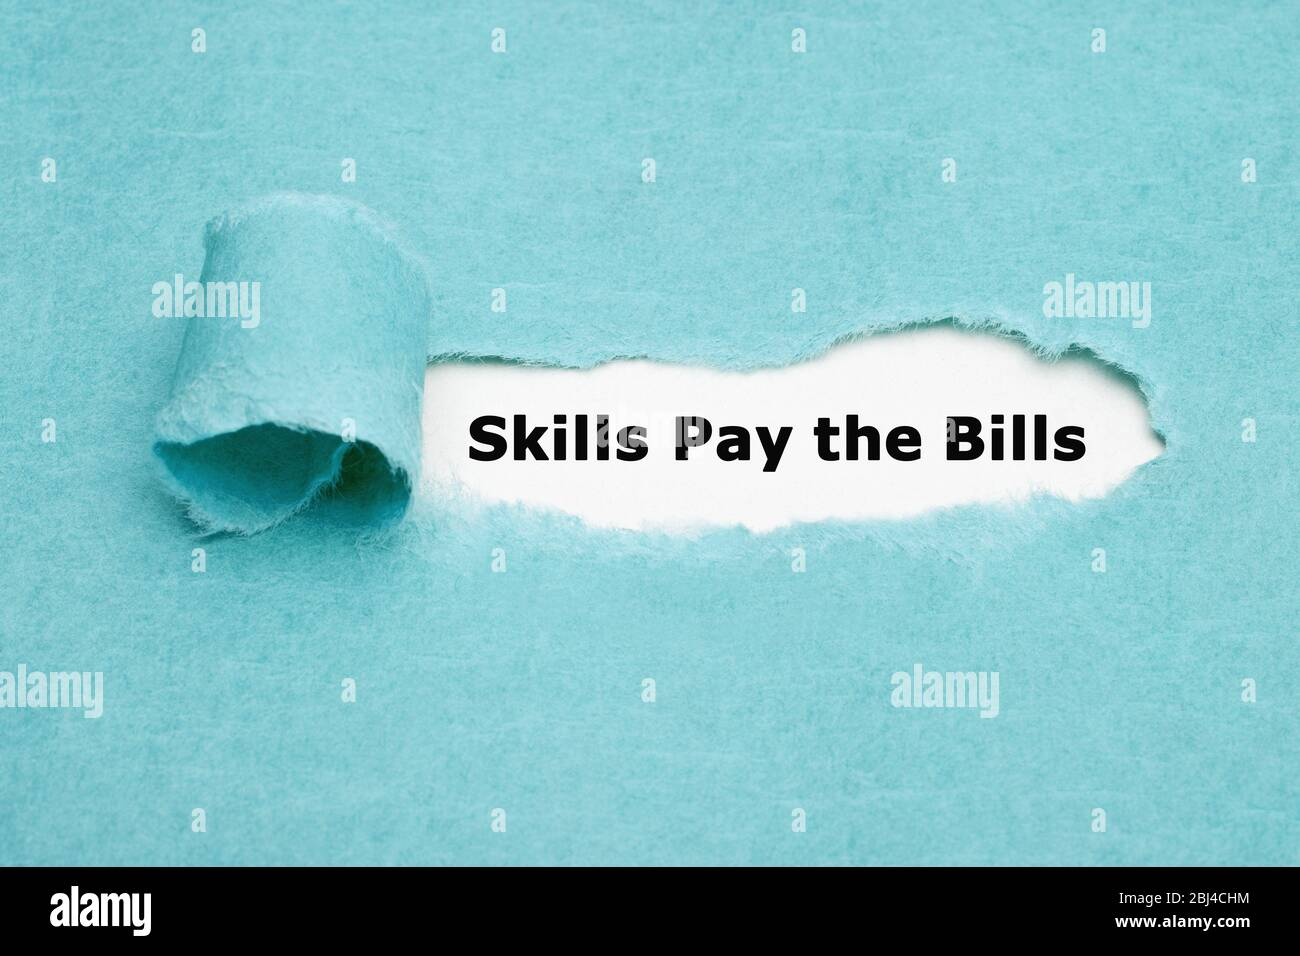 Texte imprimé compétences payer les factures apparaissant derrière le papier bleu déchiré. Banque D'Images